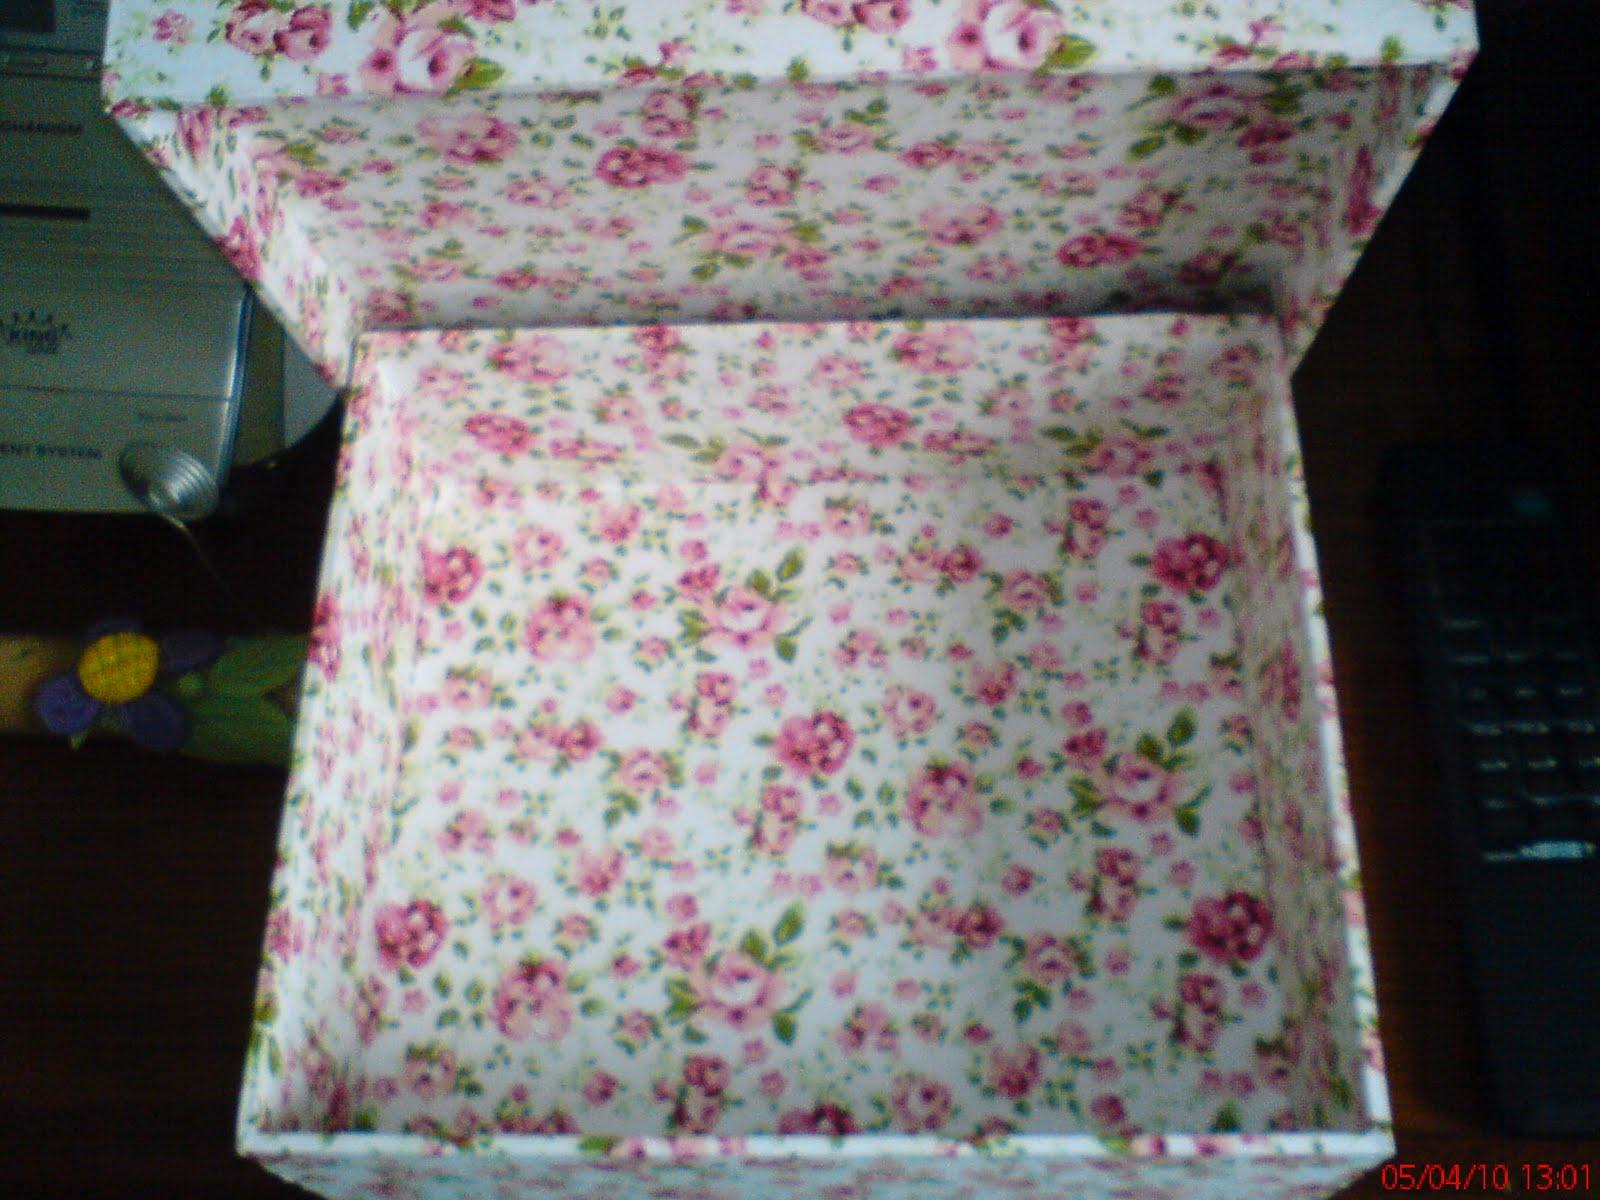 Coisa Bonita Artesanato: Caixa de madeira forrada com tecido #653B43 1600x1200